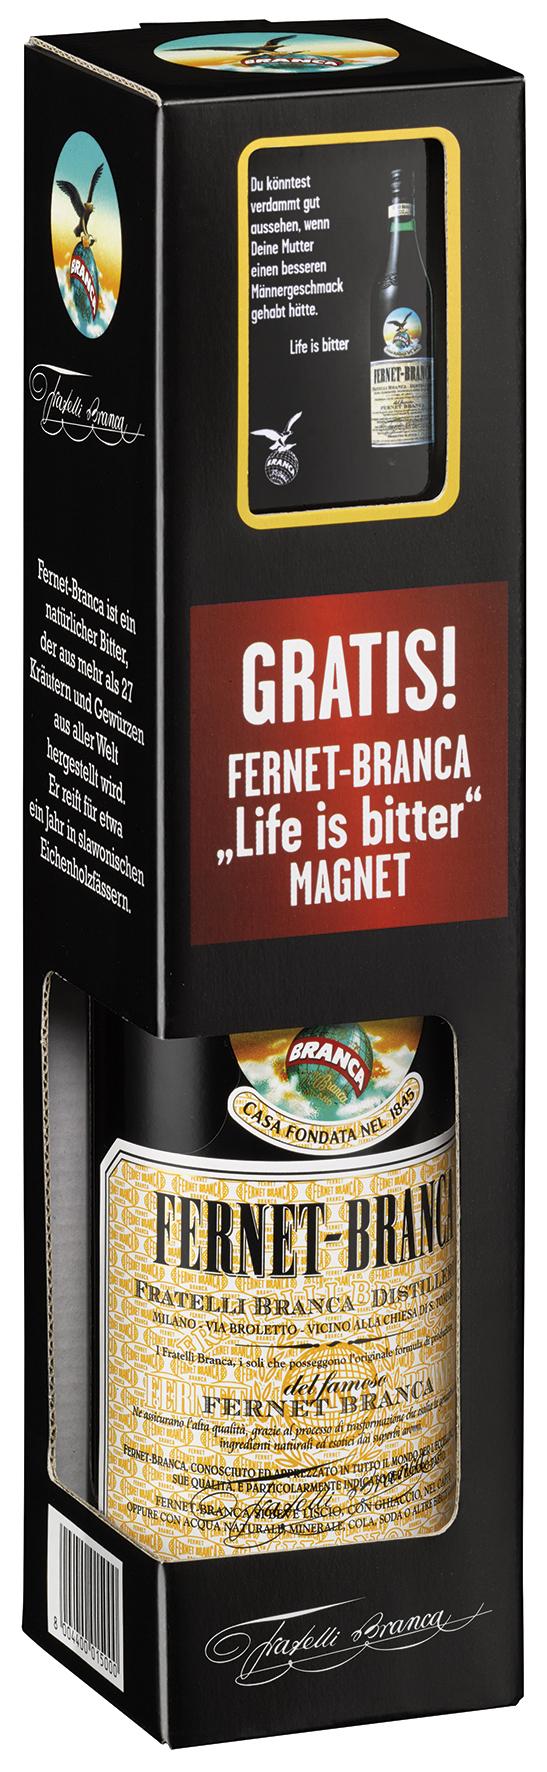 Fernet-Branca Inpack-Promotion